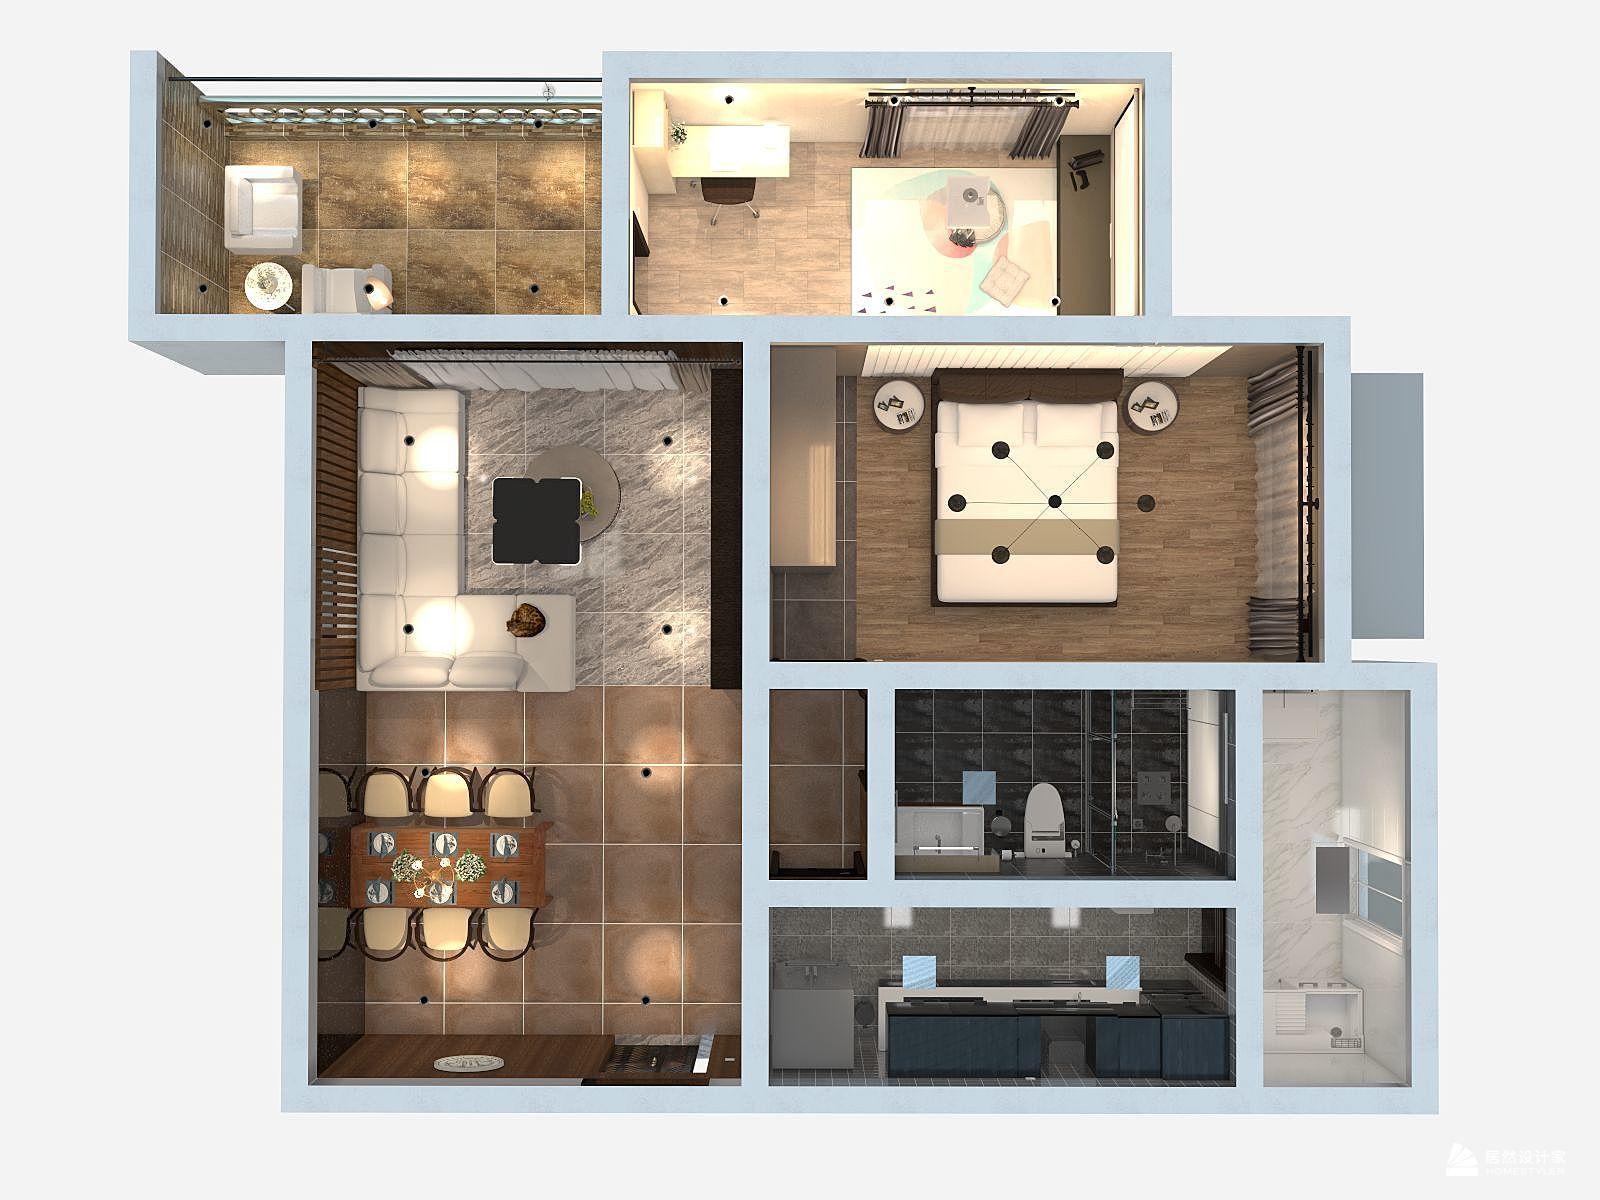 混搭风格两室一厅装修设计效果图